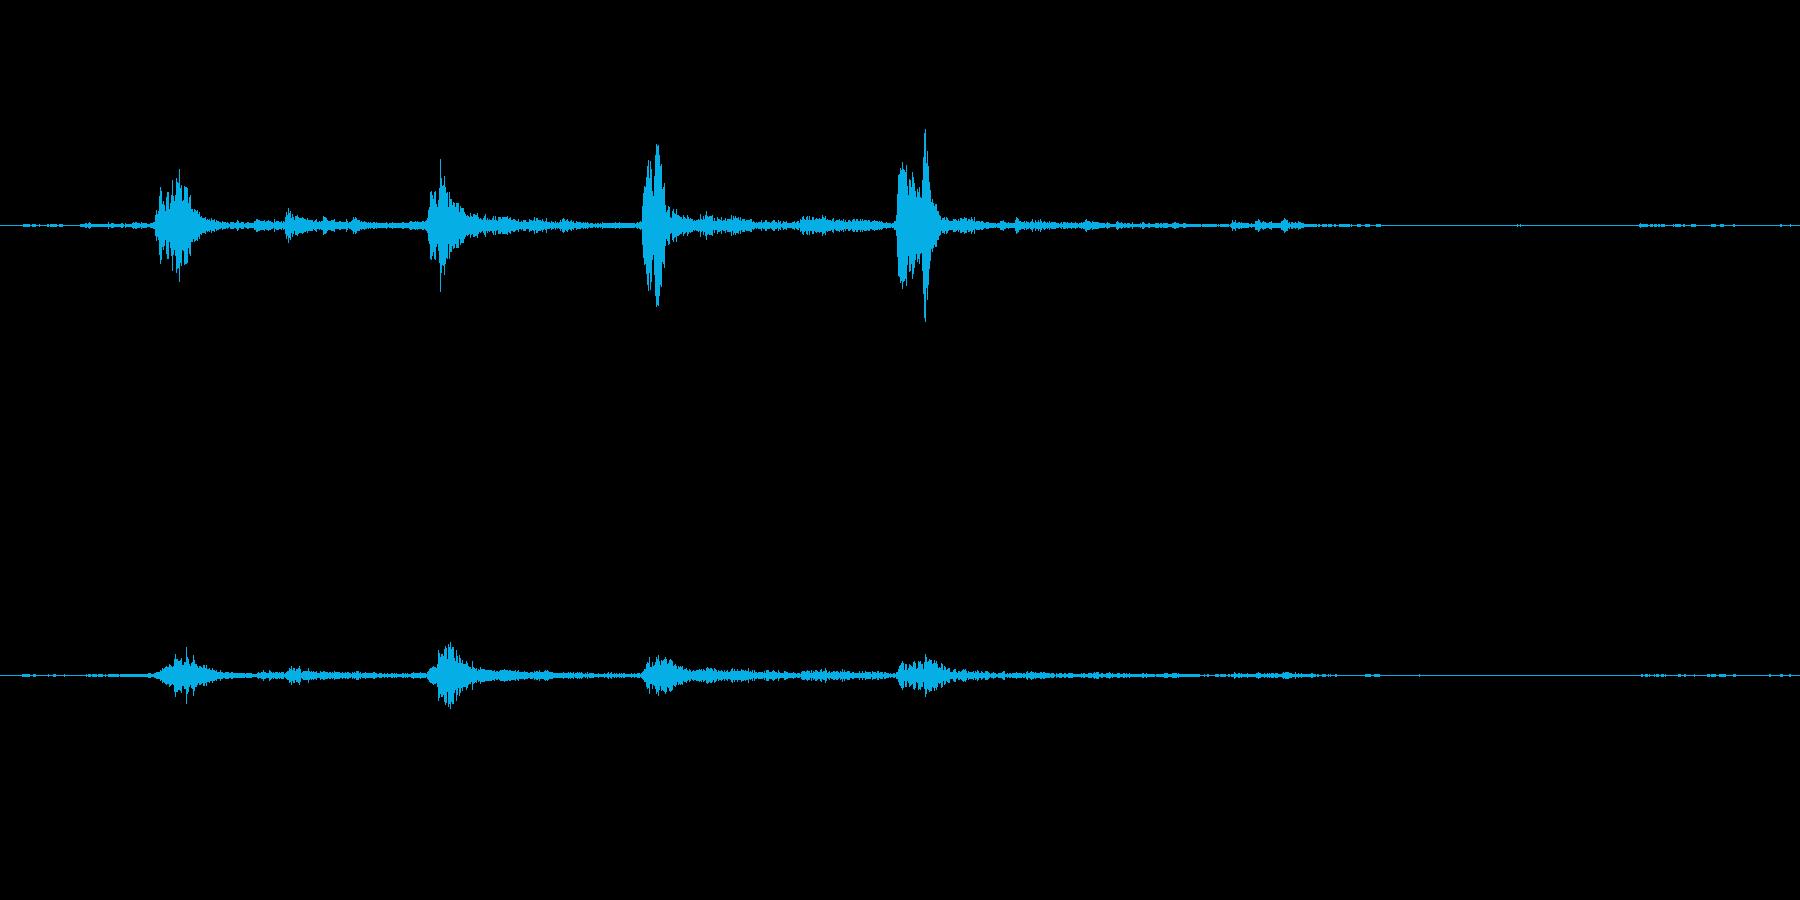 ガラガラ(玄関を開ける音)の再生済みの波形